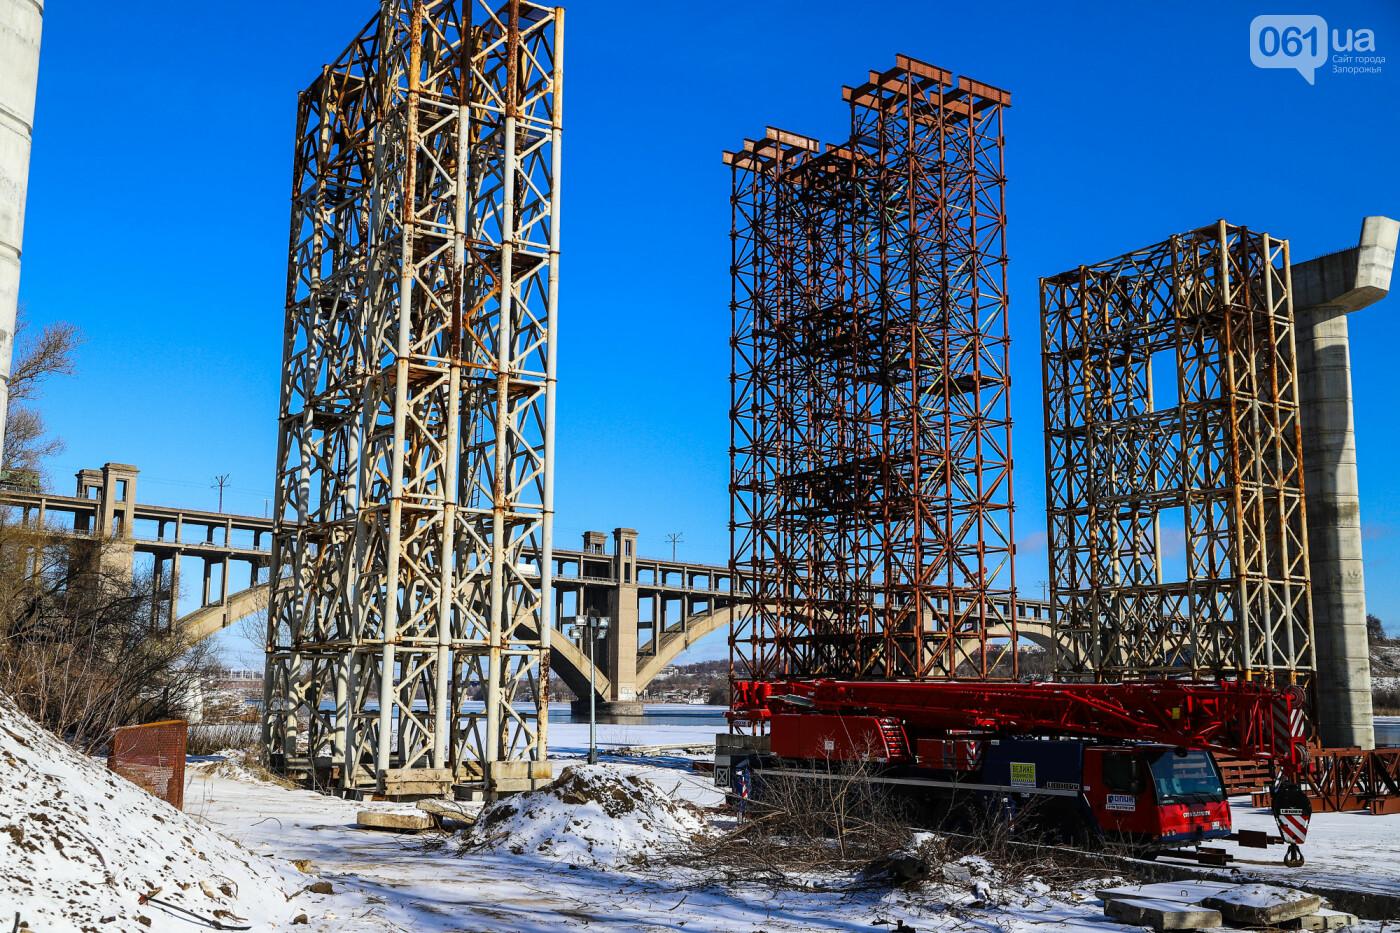 Кран с иностранной пропиской, ванты и металл: строительство запорожских мостов в фотографиях, фото-45